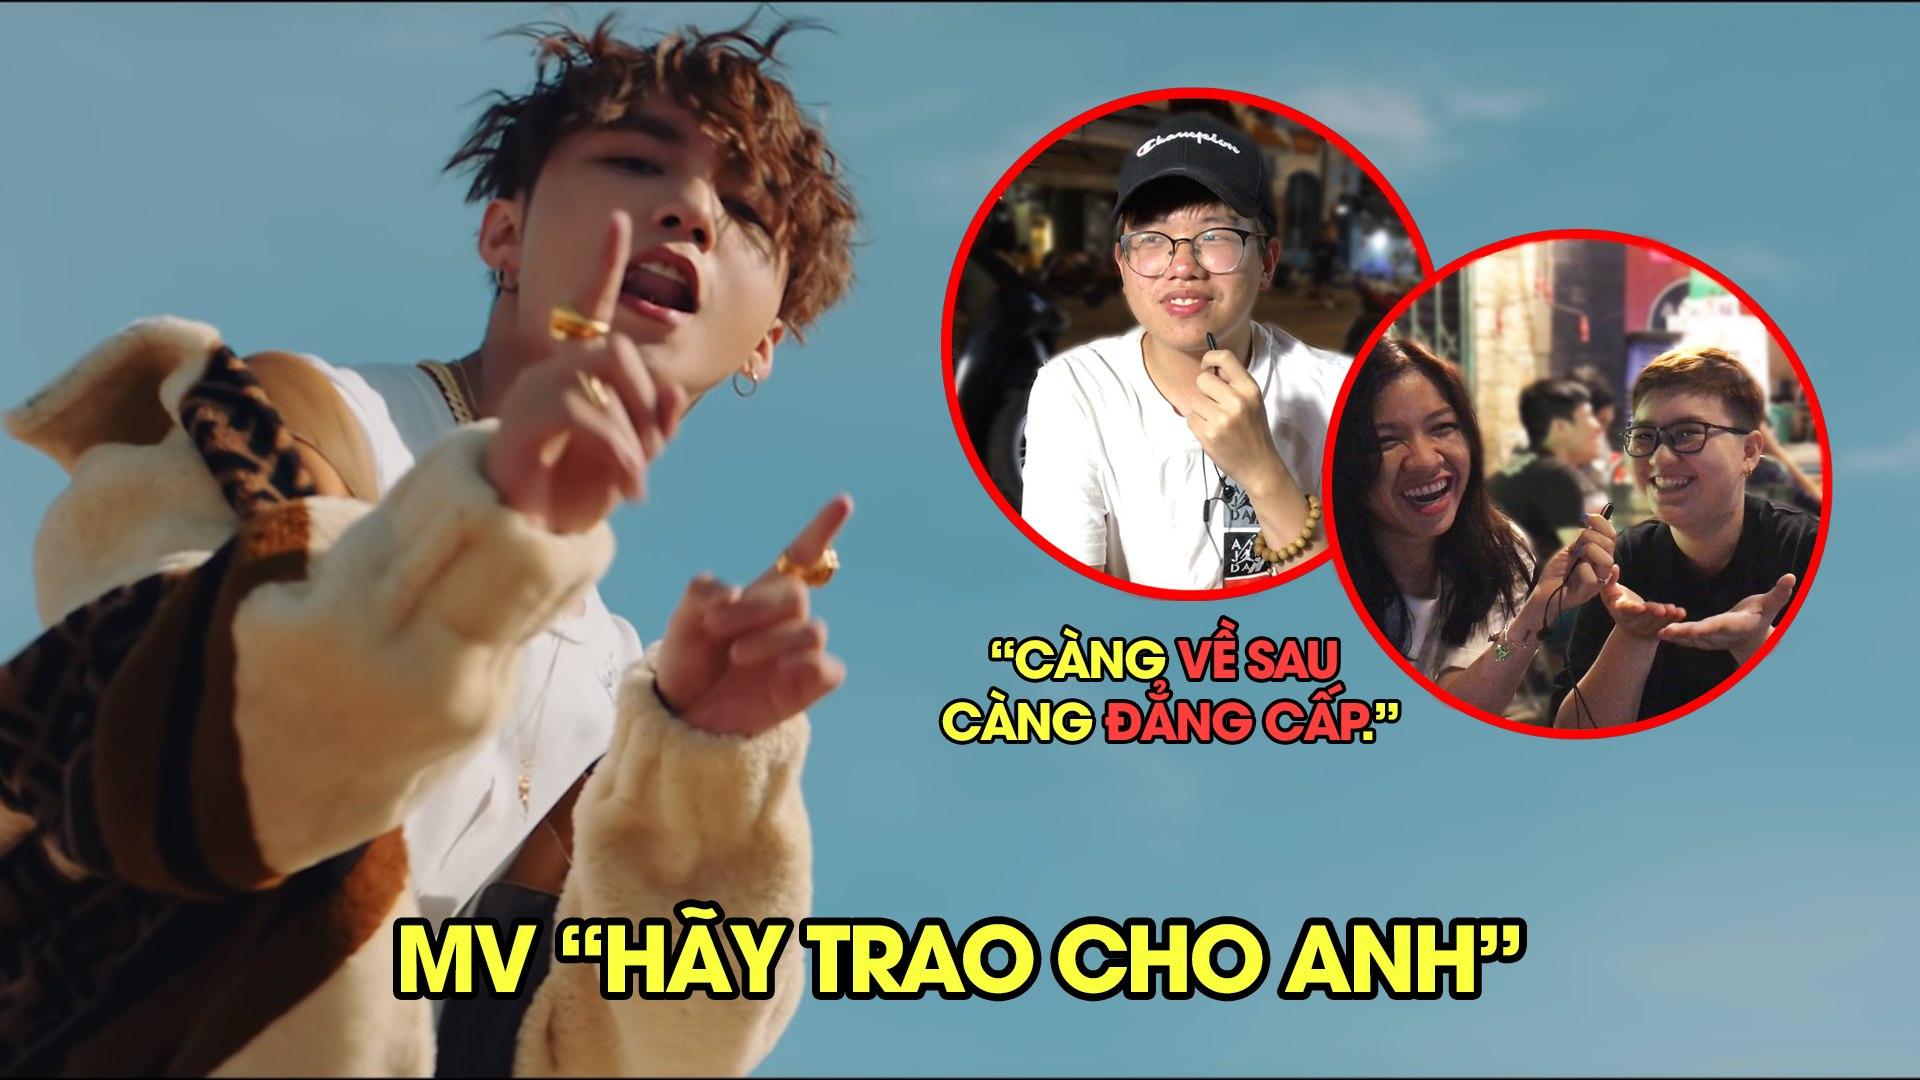 """MV """"Hãy trao cho anh"""" của Sơn Tùng MTP - Sản phẩm càng về SAU, càng ĐẲNG CẤP"""